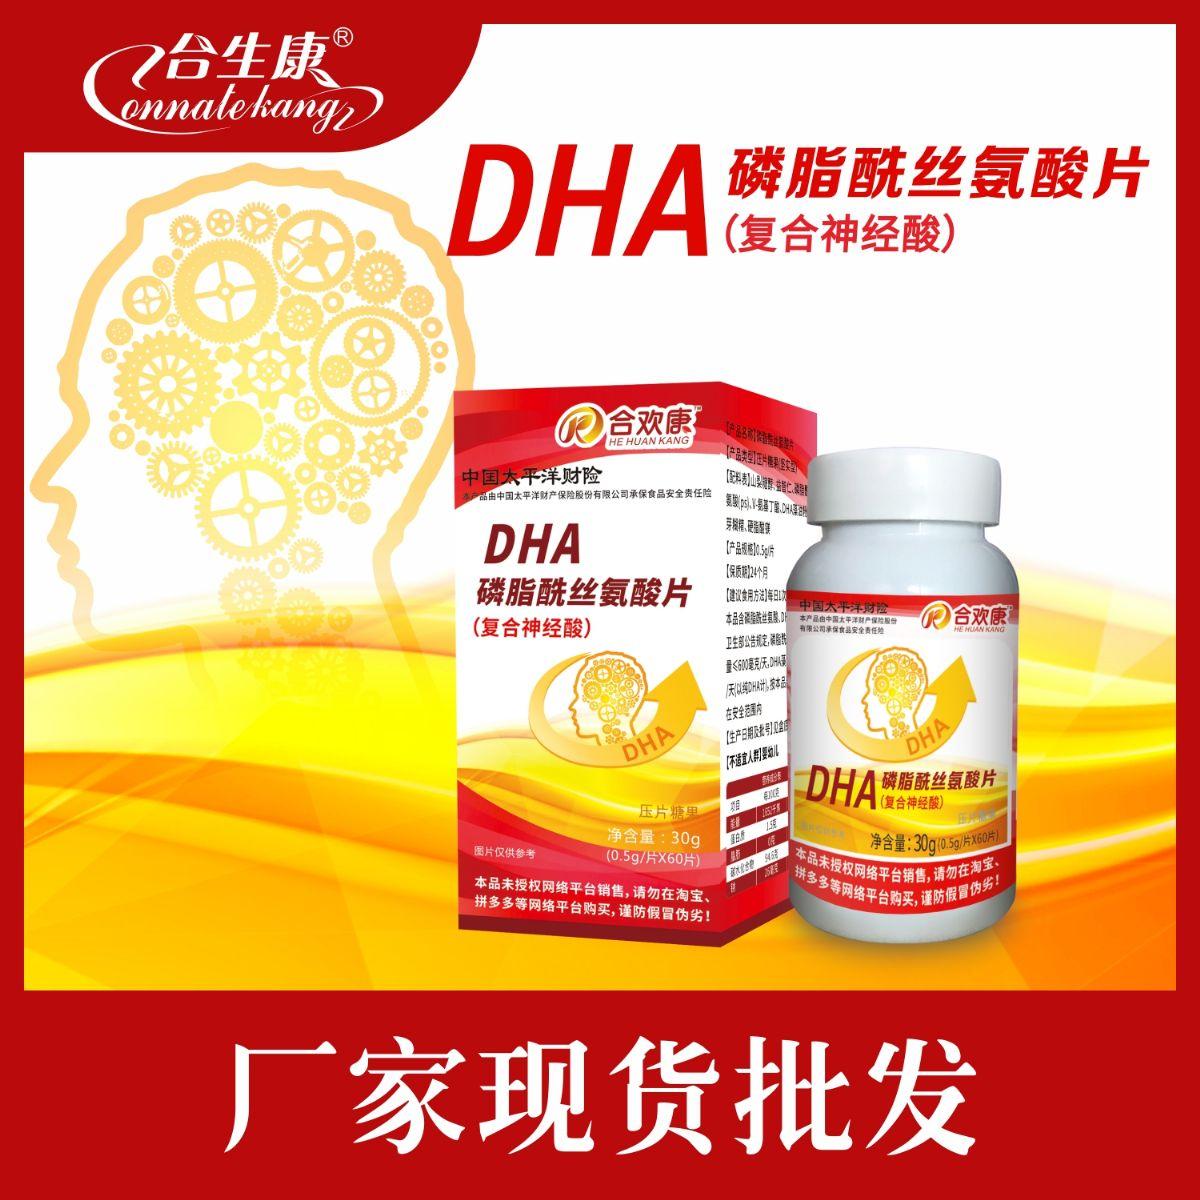 DHA复合神经酸精片